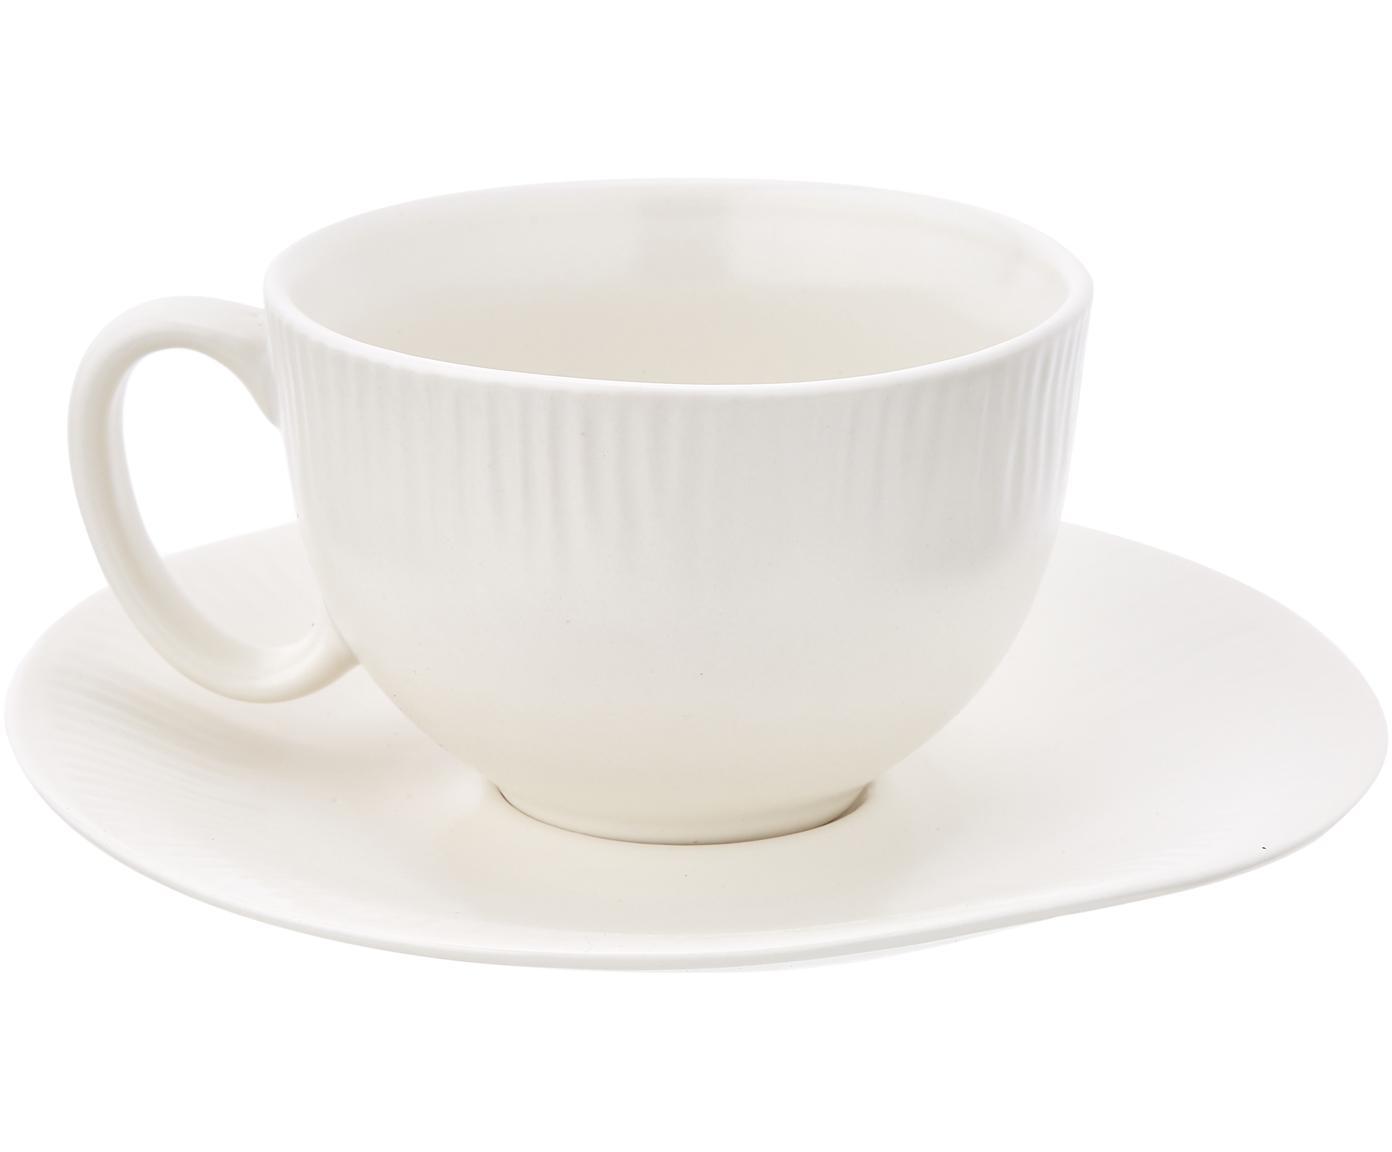 Tazza da tè con piattino fatti a mano Sandvig, Porcellana, tinta, Bianco latteo, Ø 8 x Alt. 6 cm